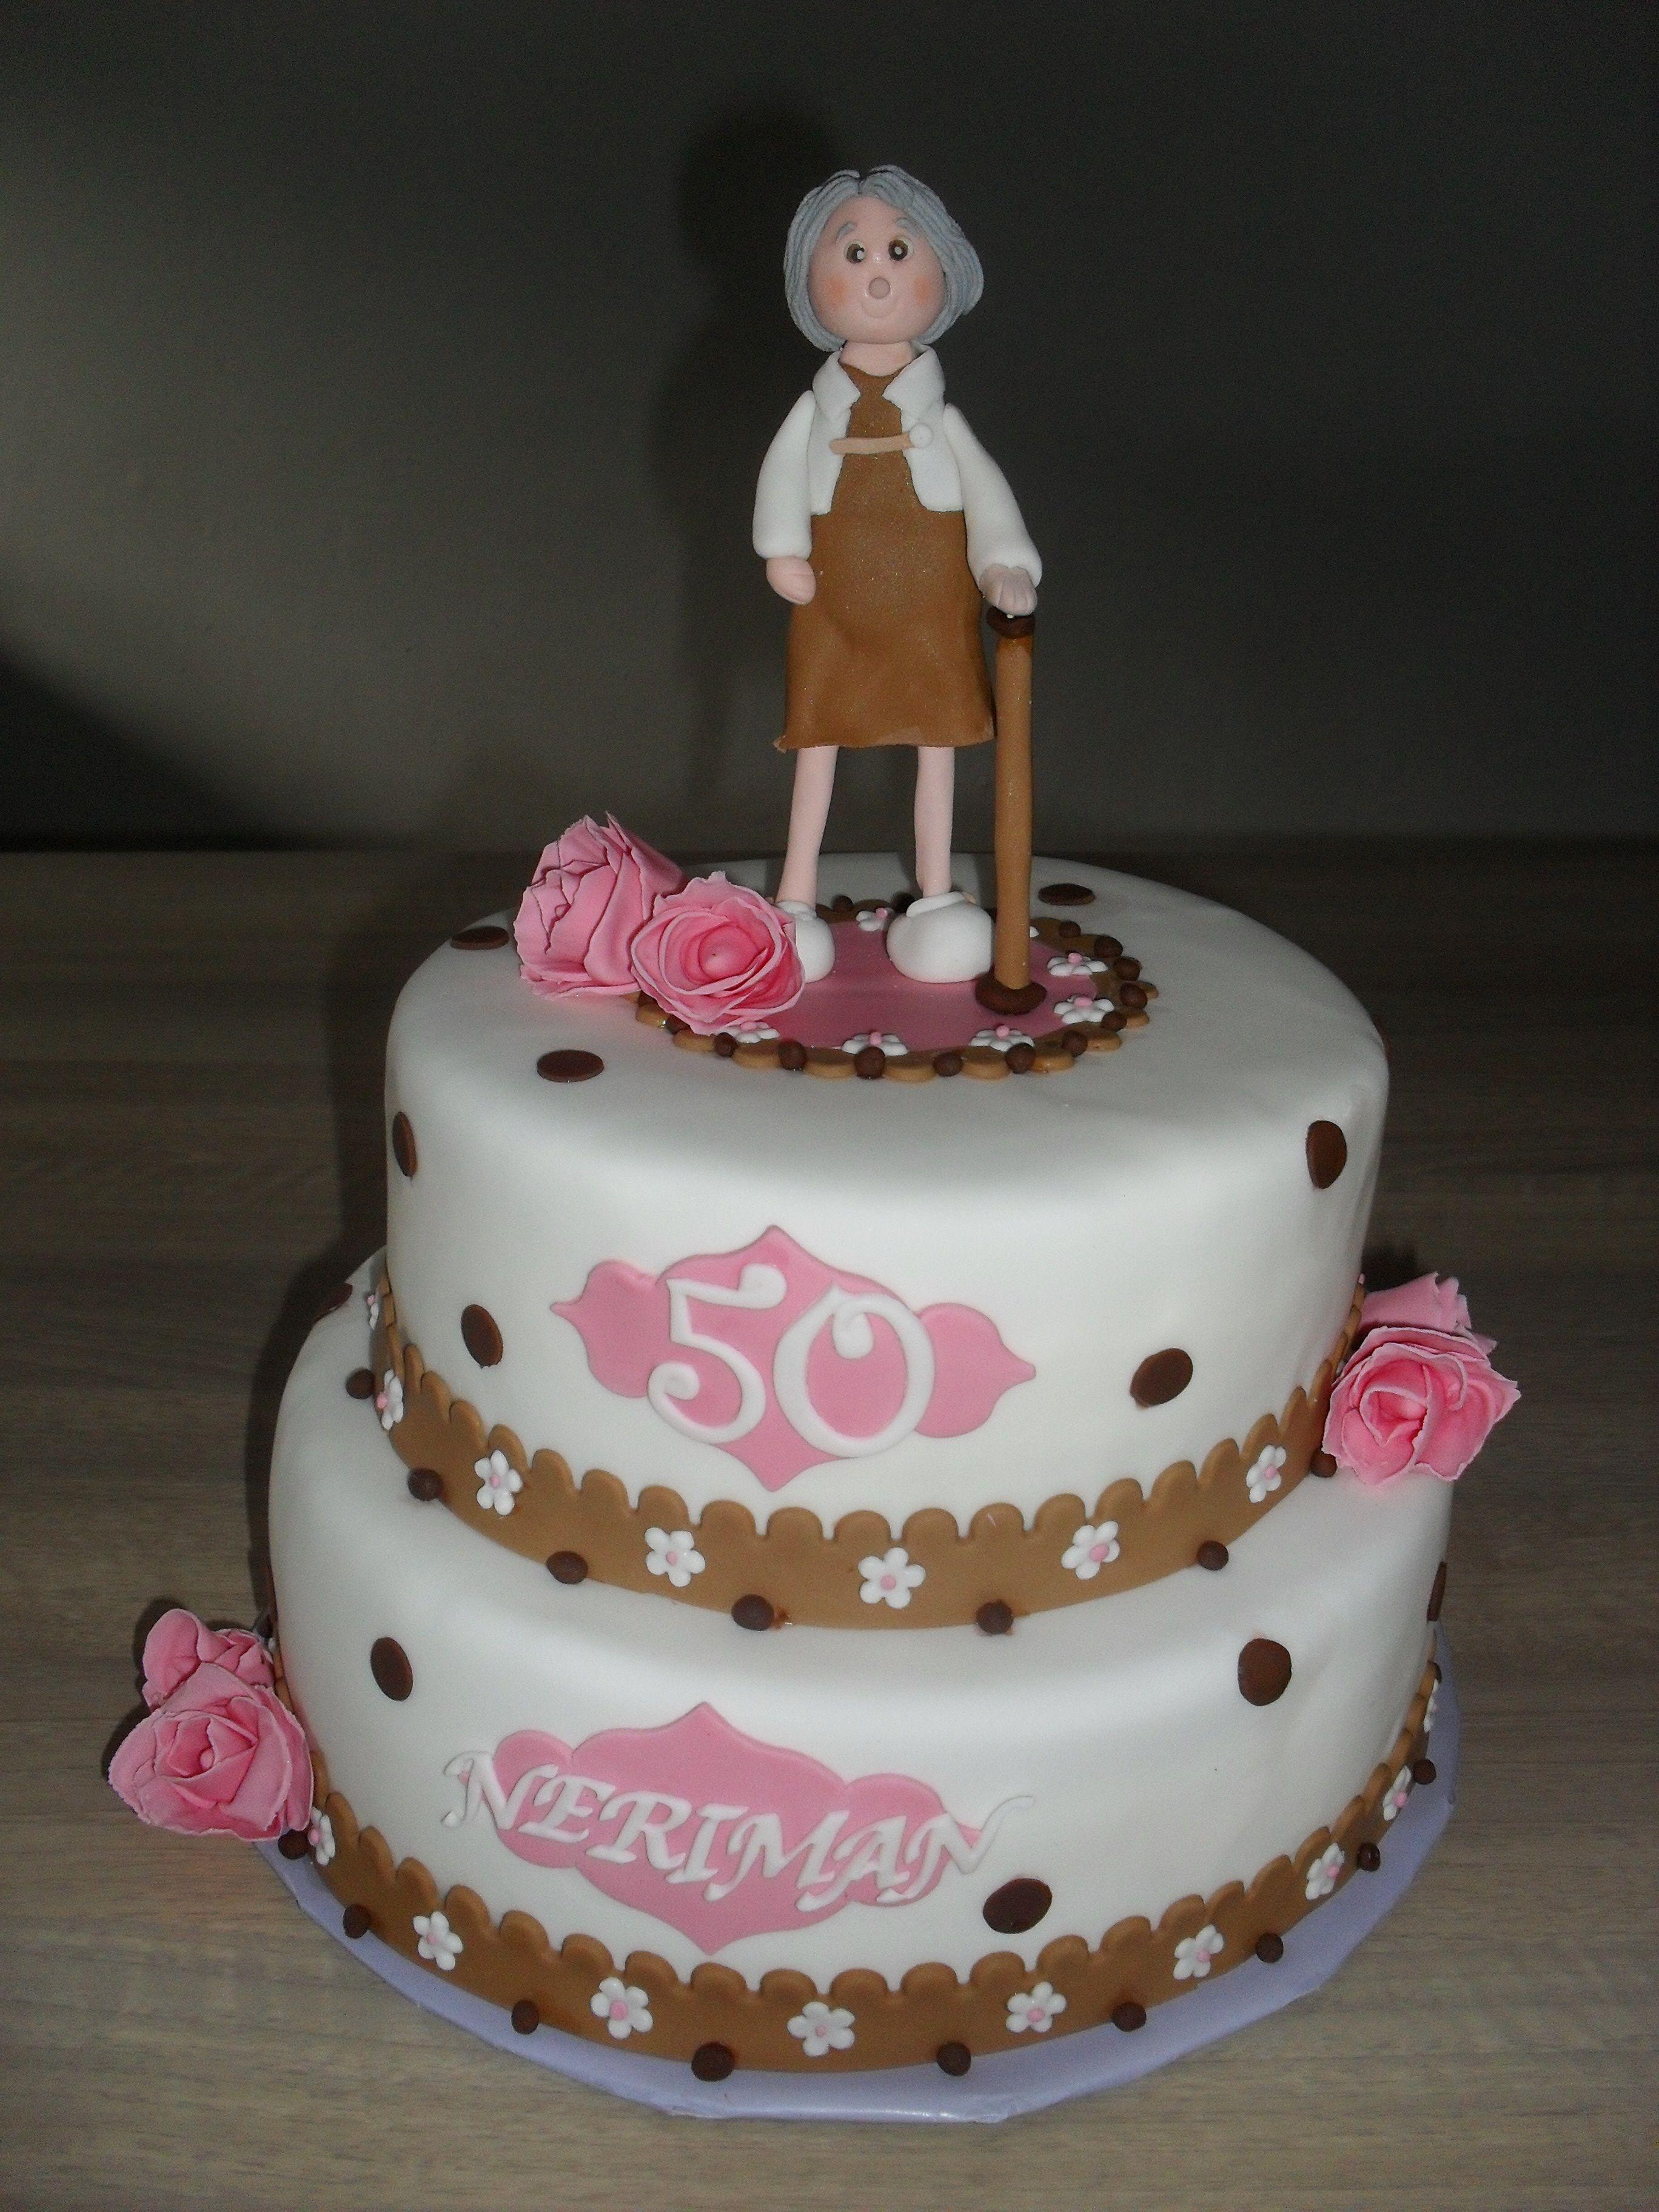 50 jaar stippen taart 50 years polkadot cake